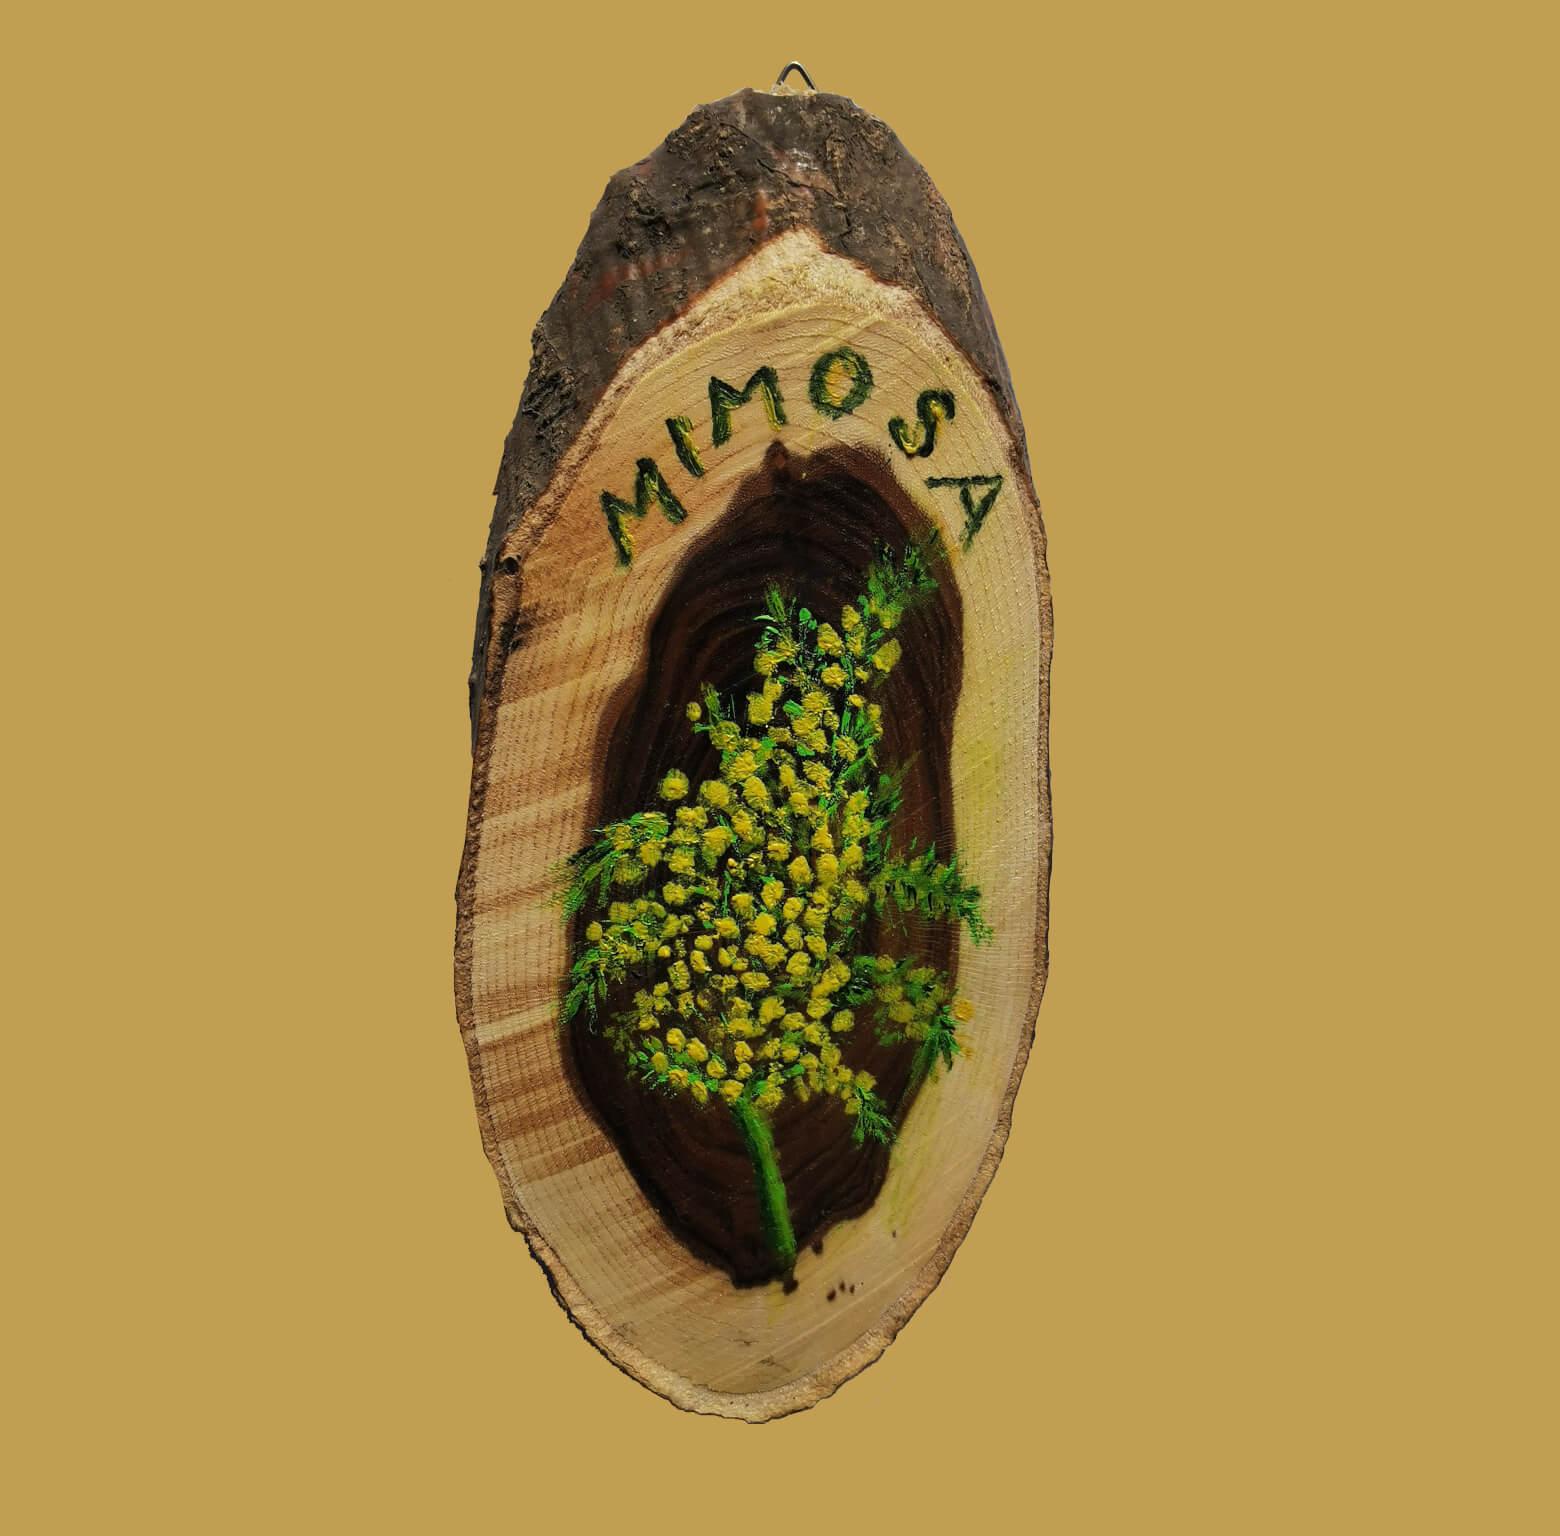 t mimosa - MIMOSA